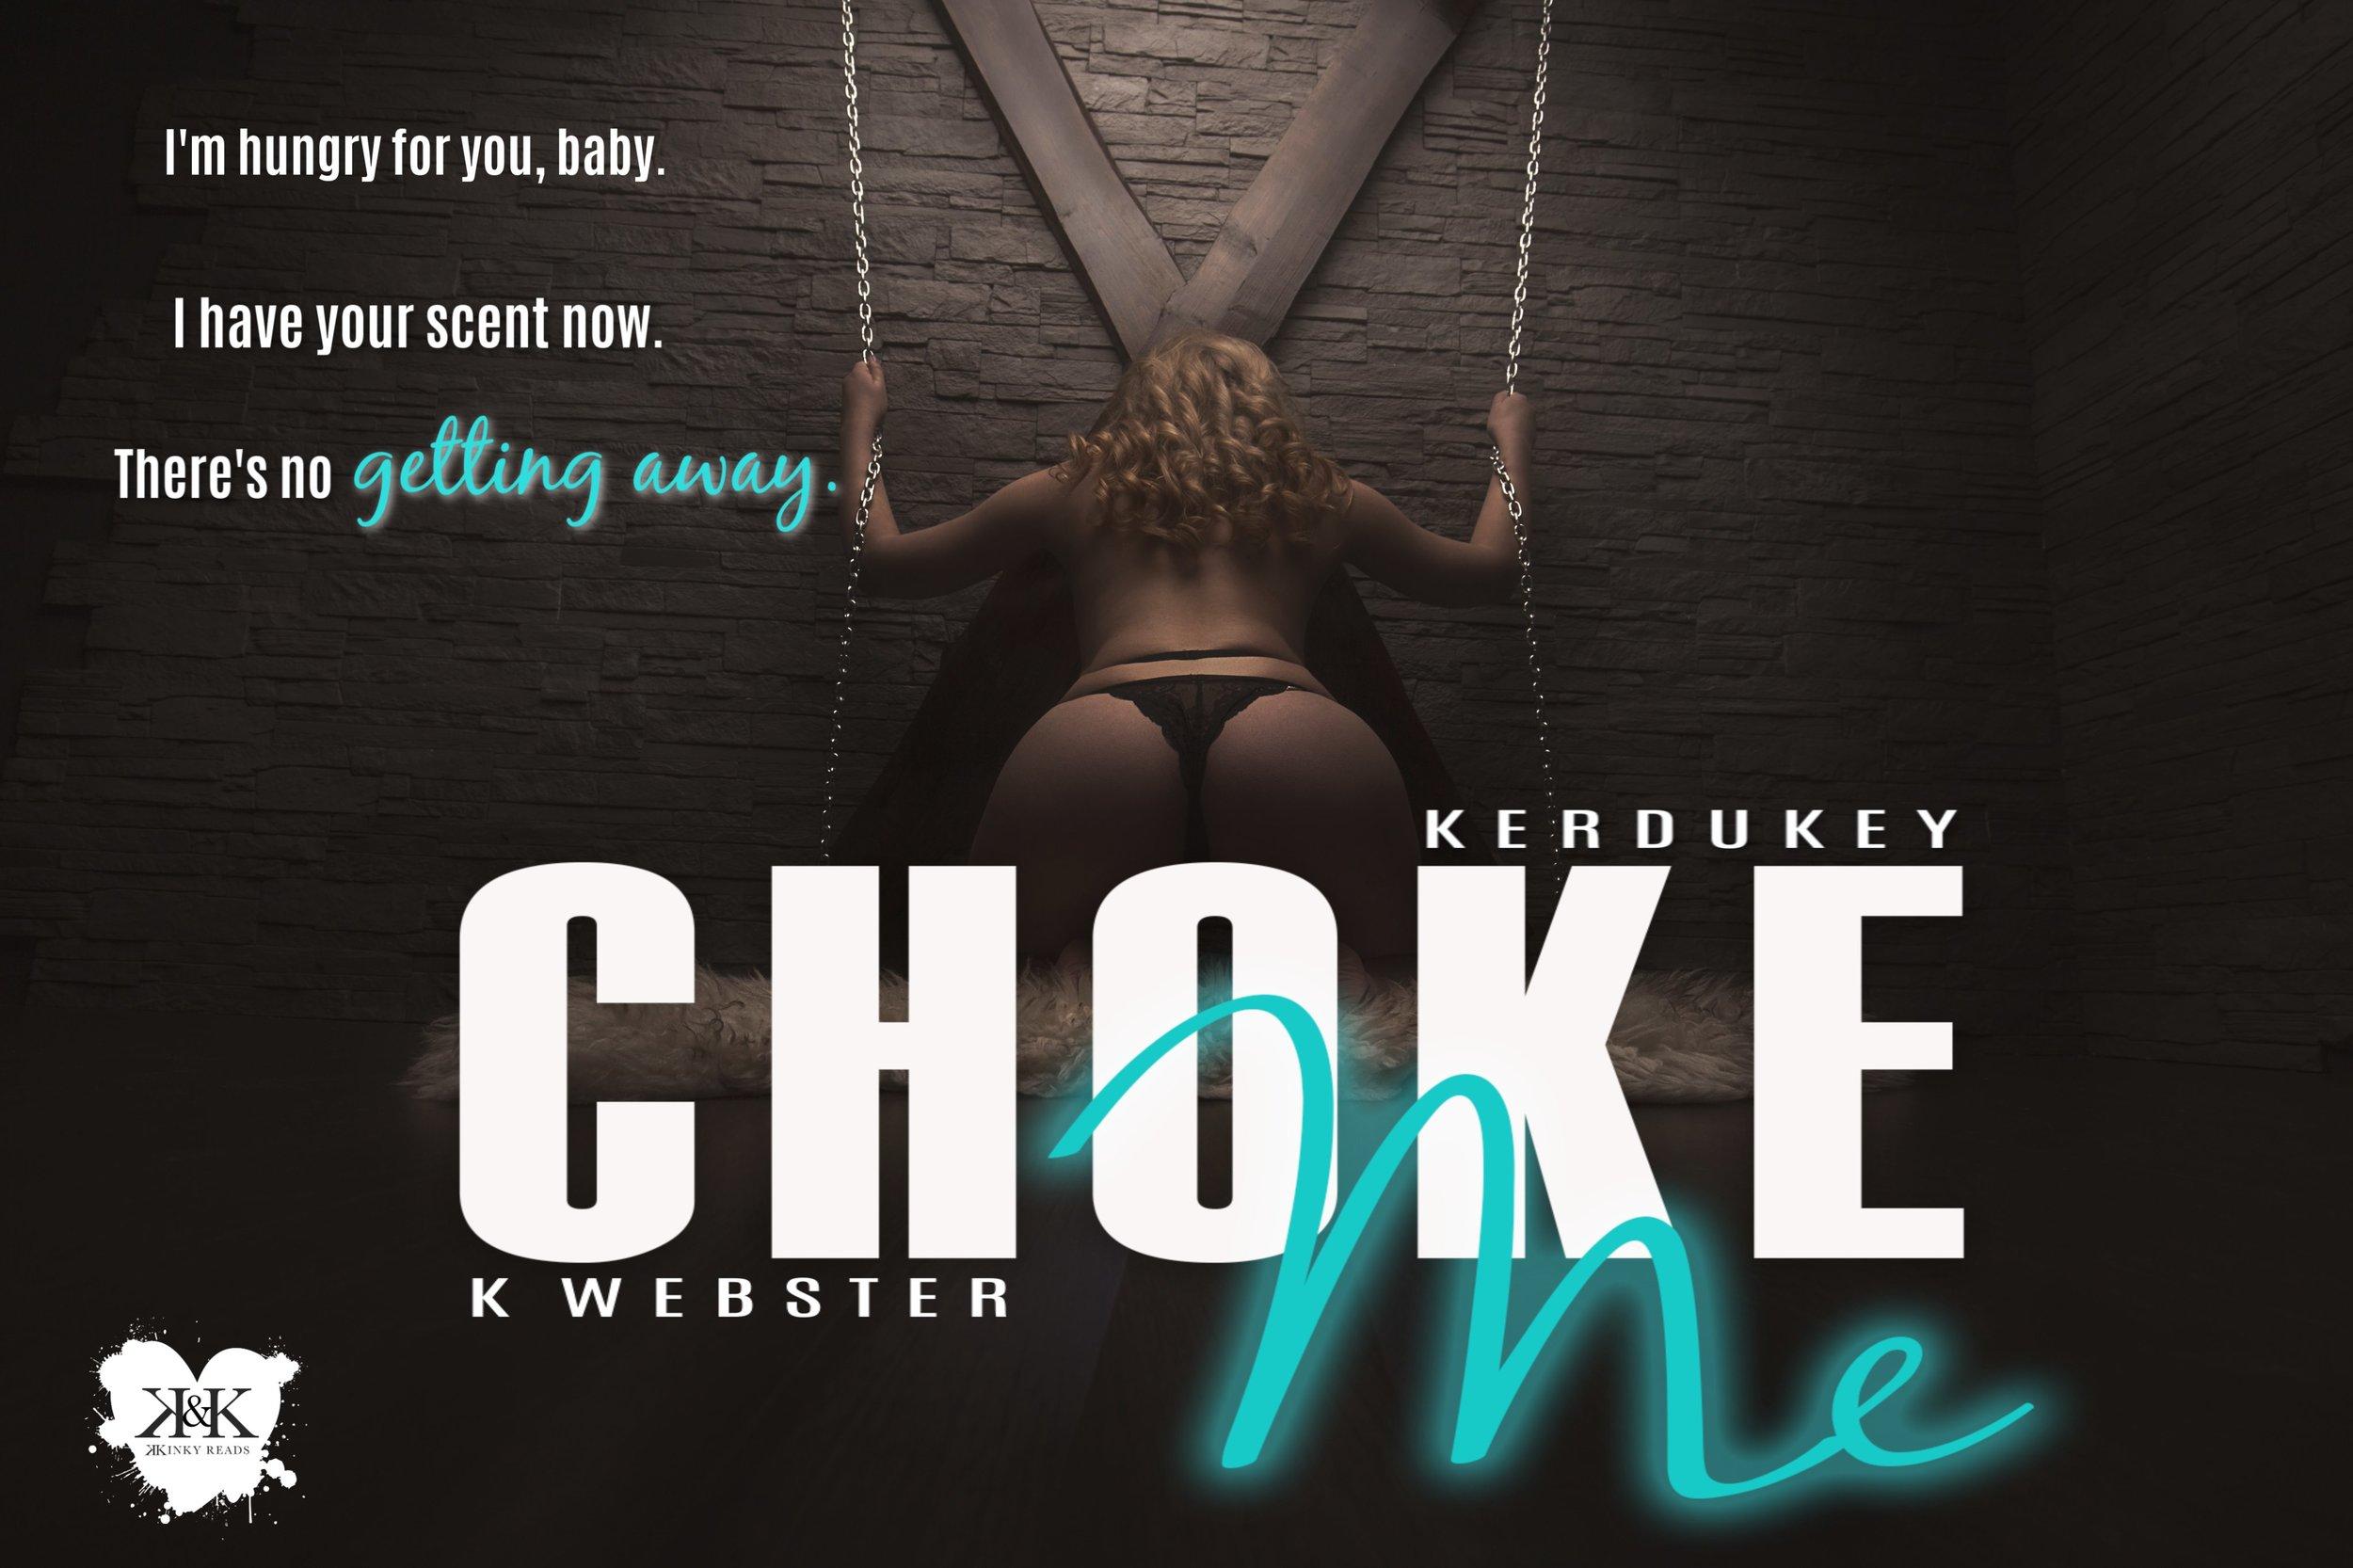 ChokeMe_Teaser2.jpg